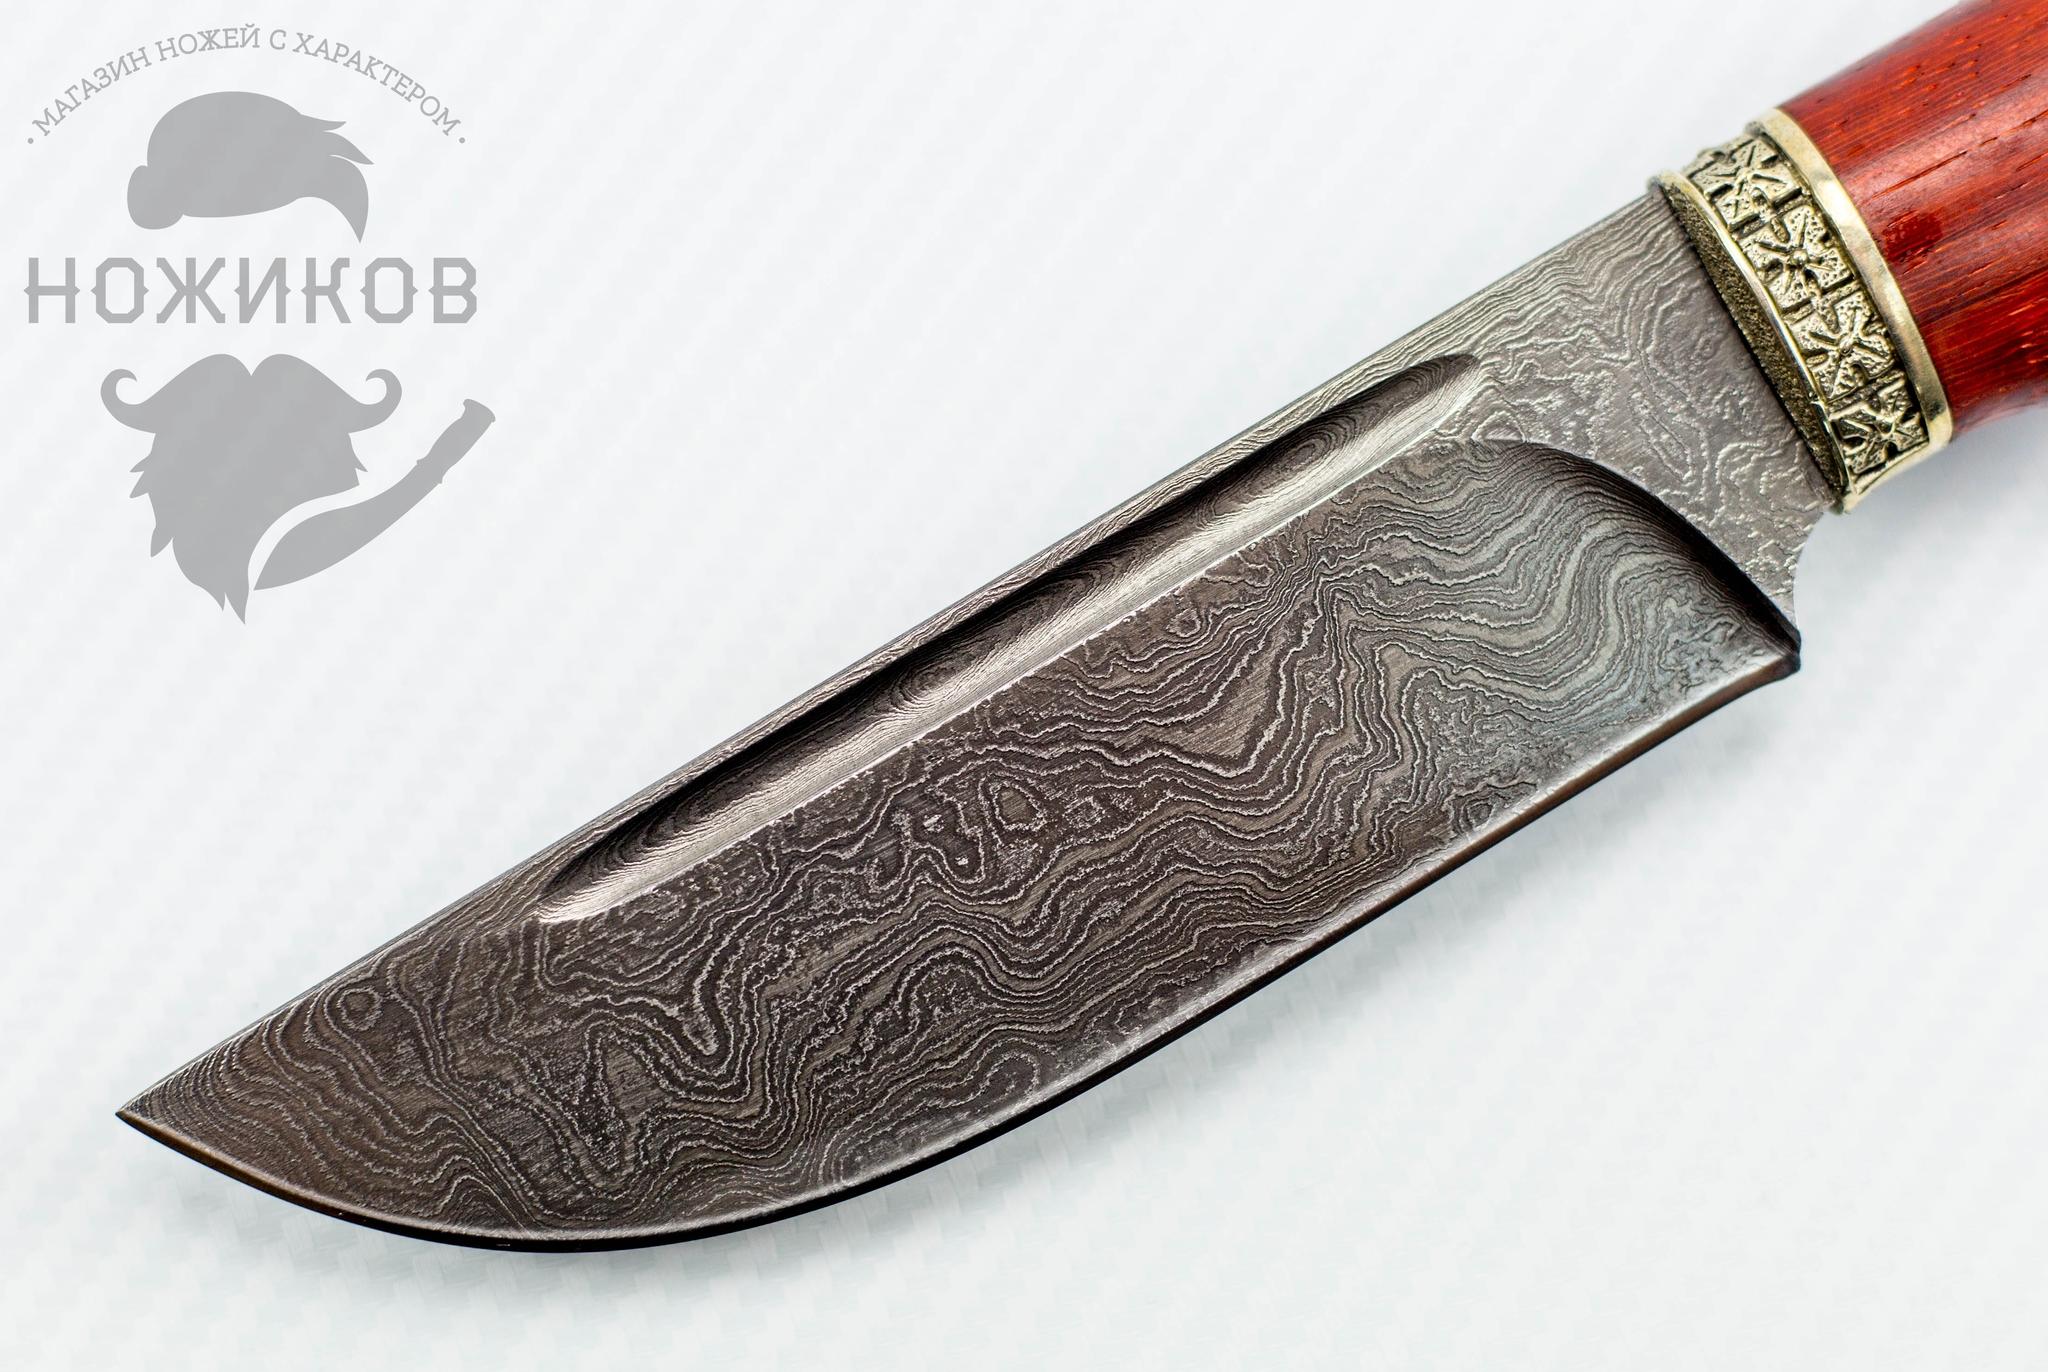 Фото 2 - Авторский Нож из Дамаска №80, Кизляр от Noname